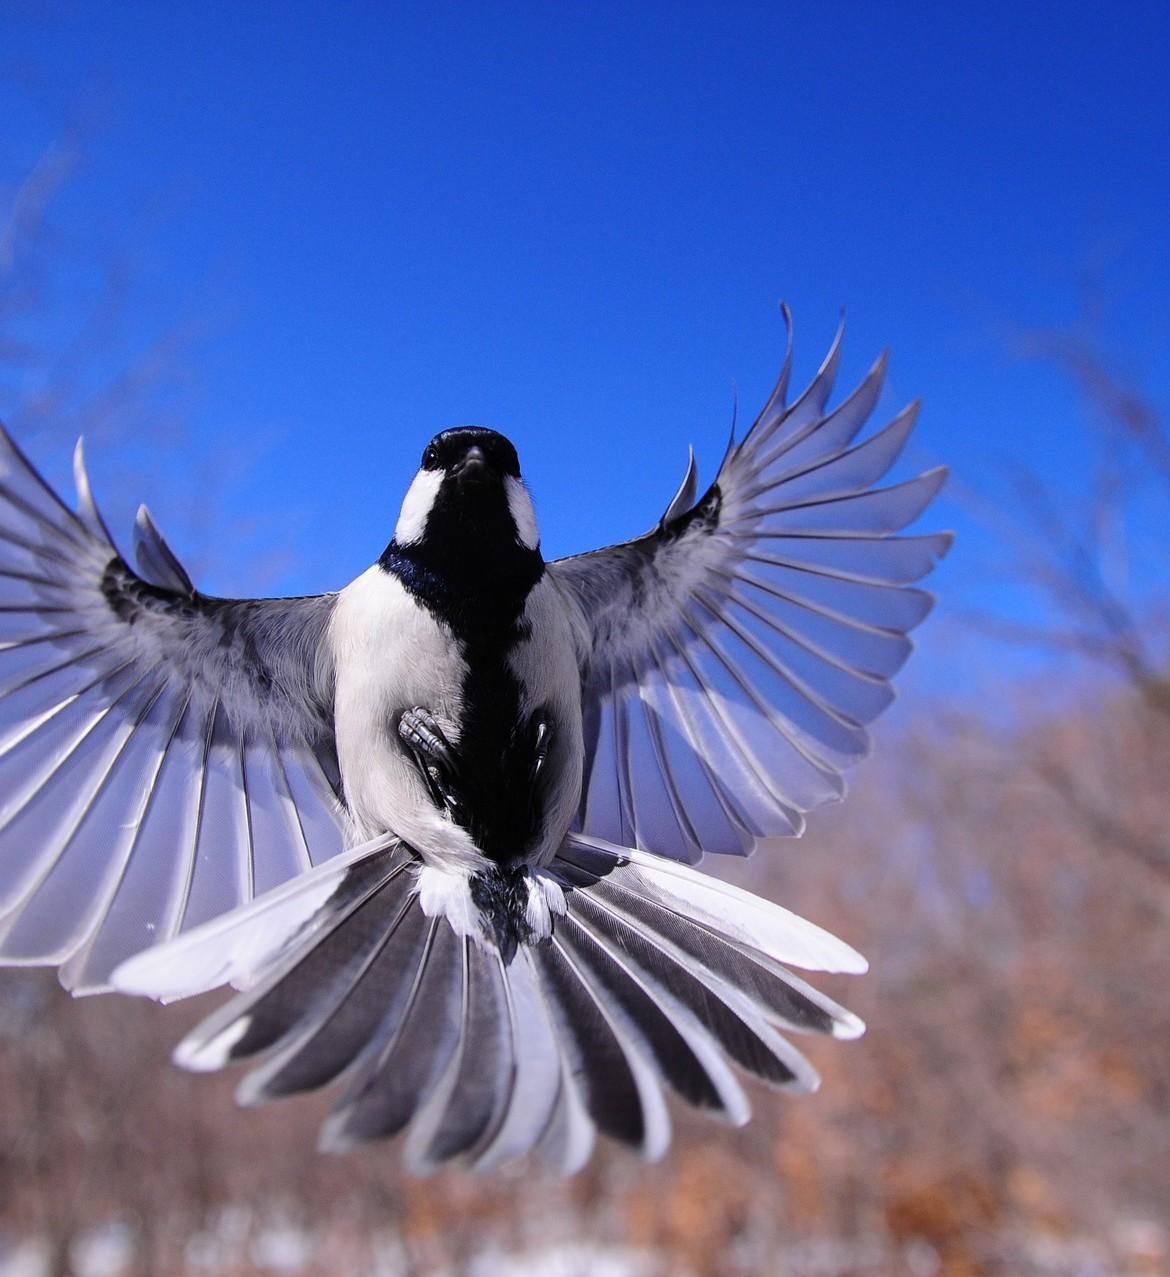 night-bird-1126076_1920-1170×1277